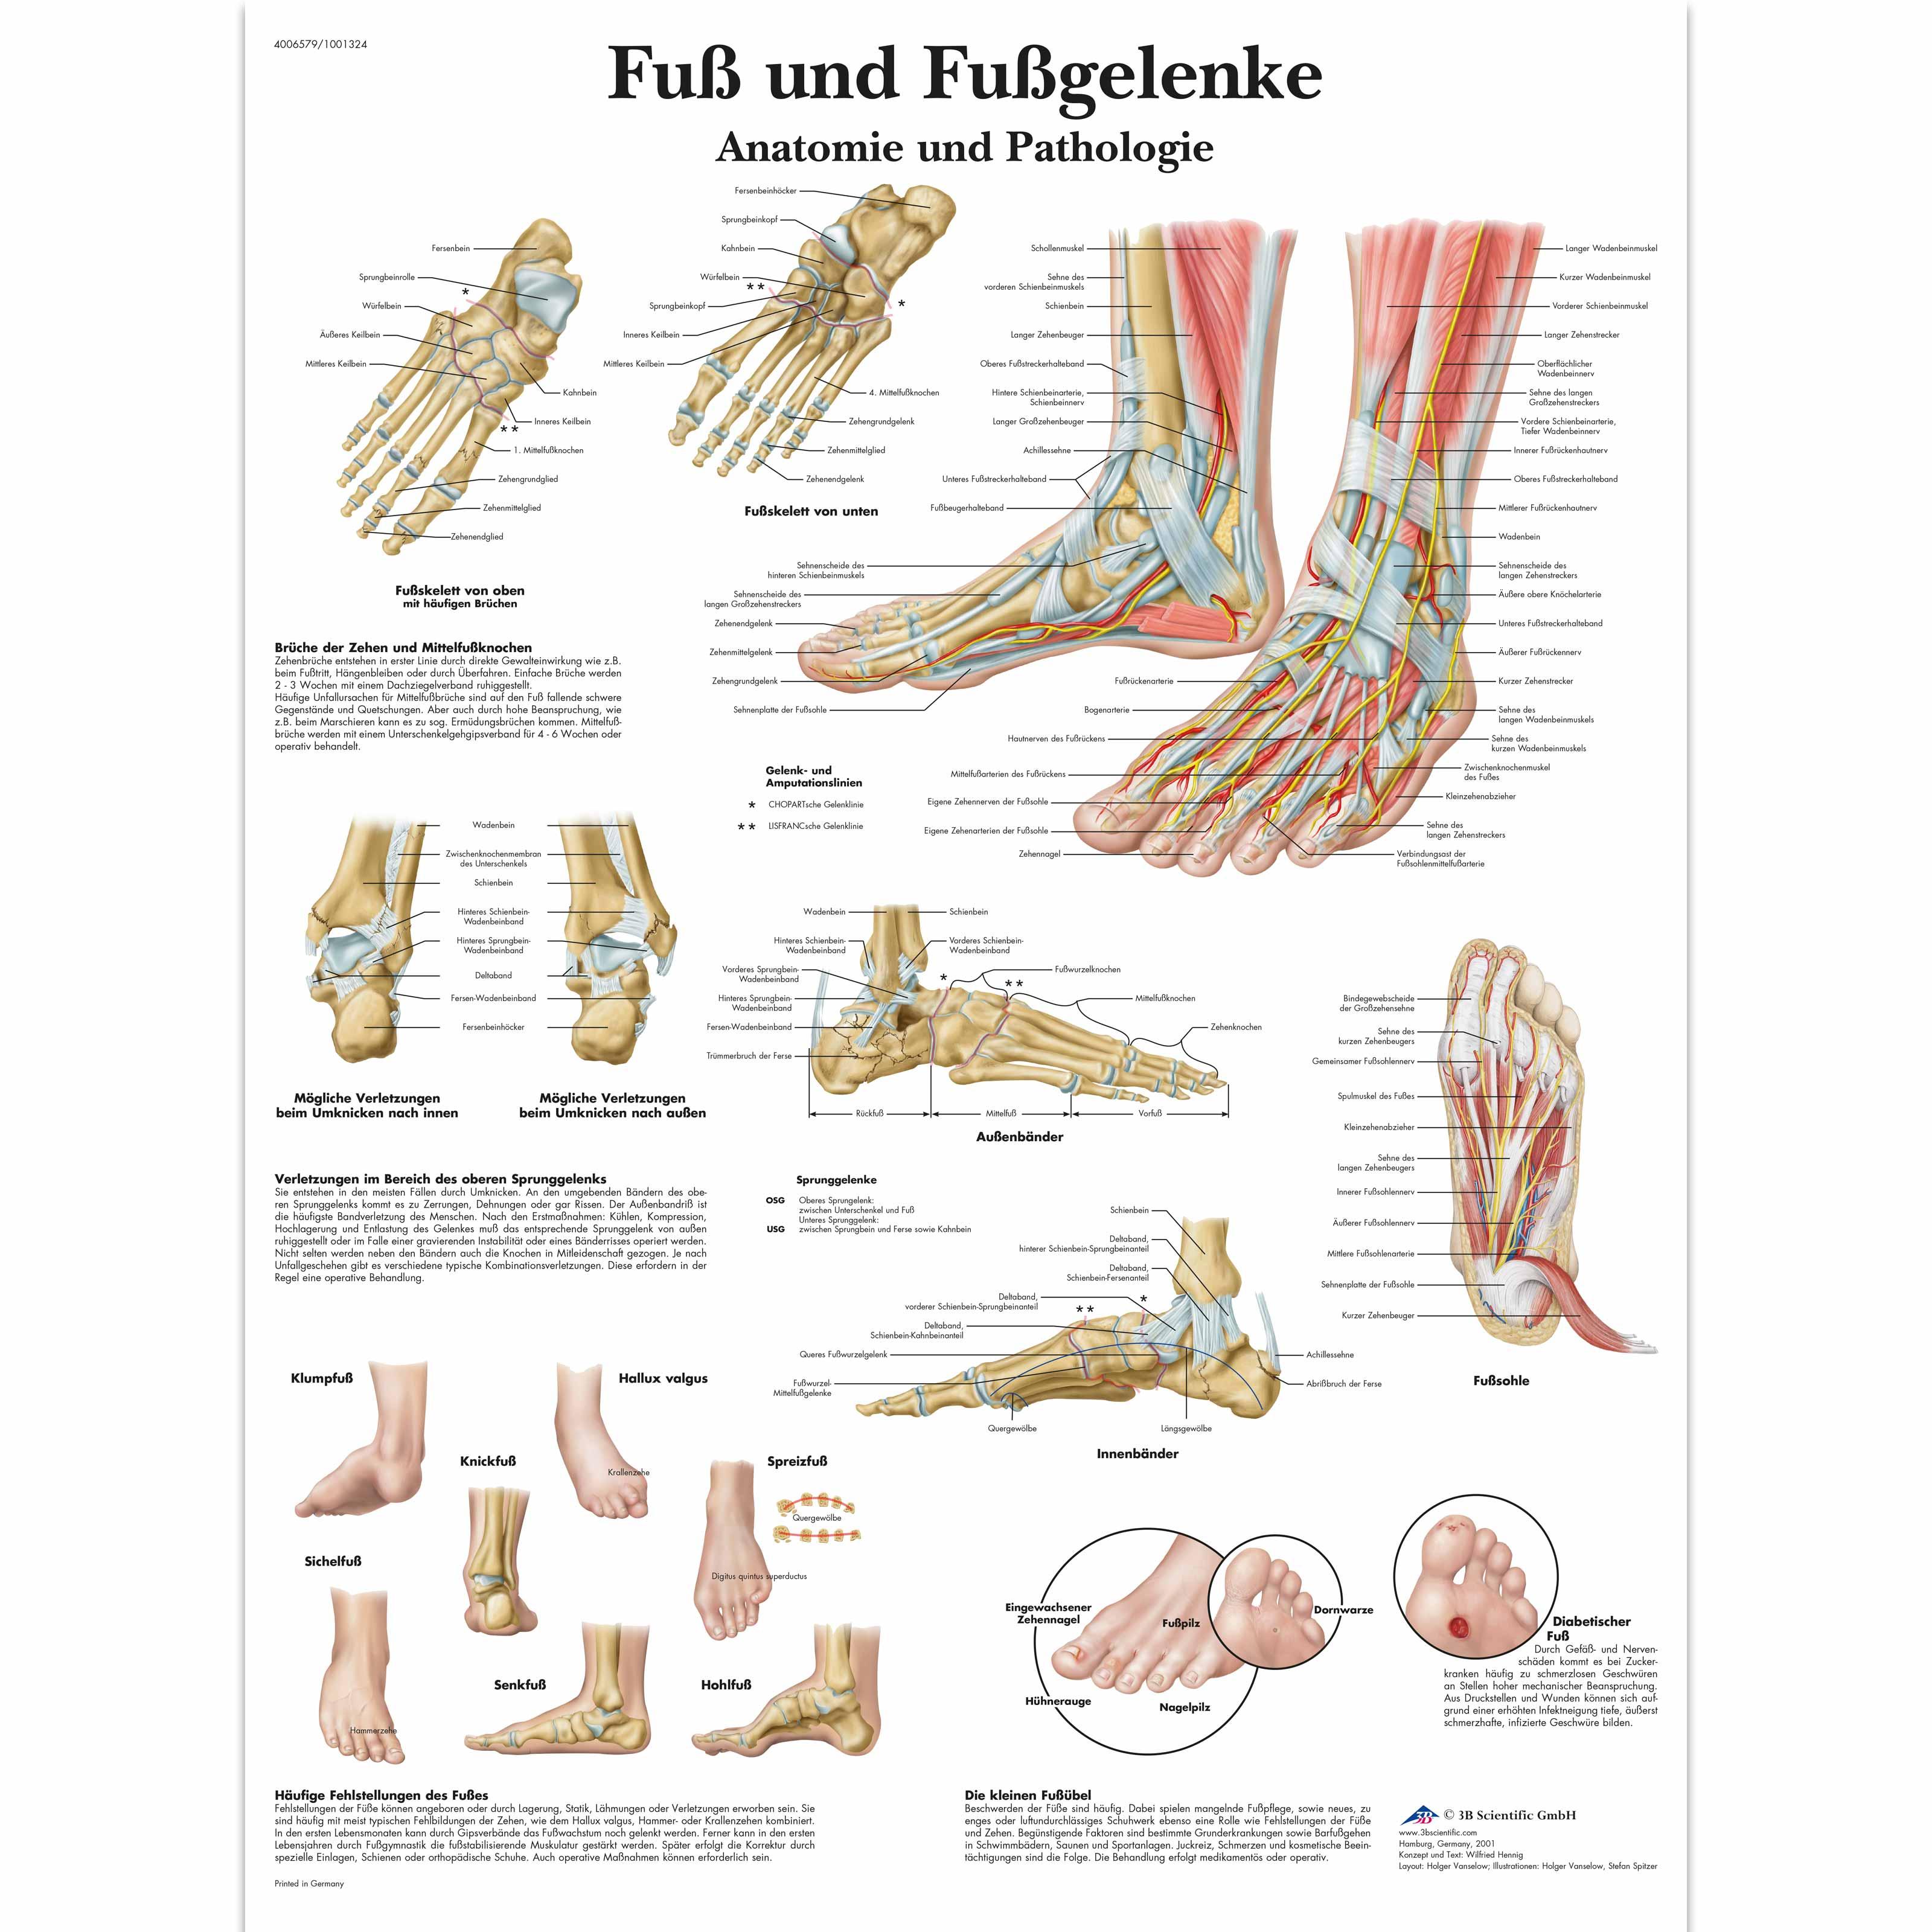 Fuß und Fußgelenke - Anatomie und Pathologie - 4006579 - VR0176UU ...